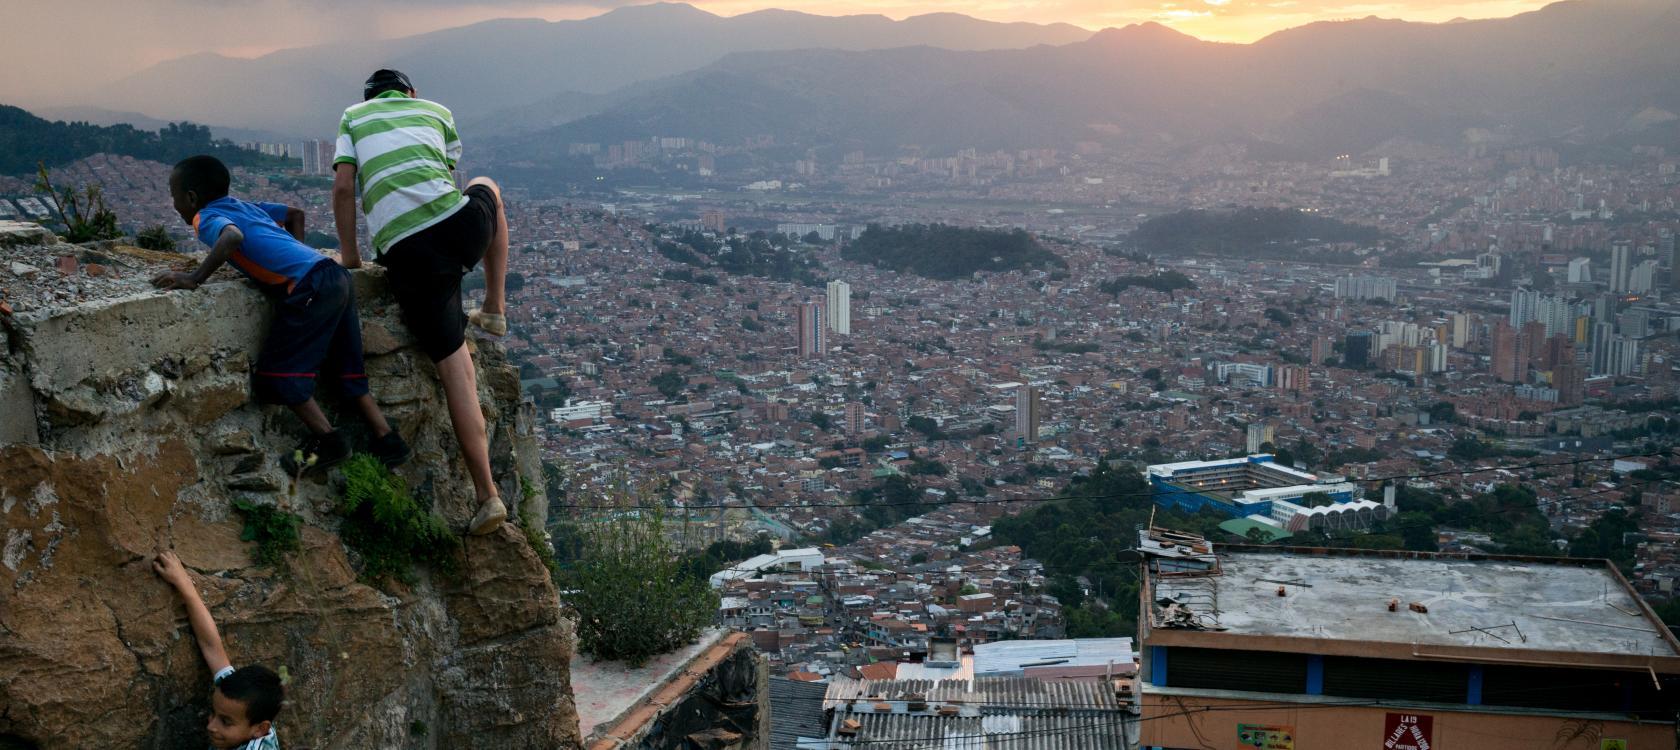 Enfants, paysage urbain, Medellín, Colombie